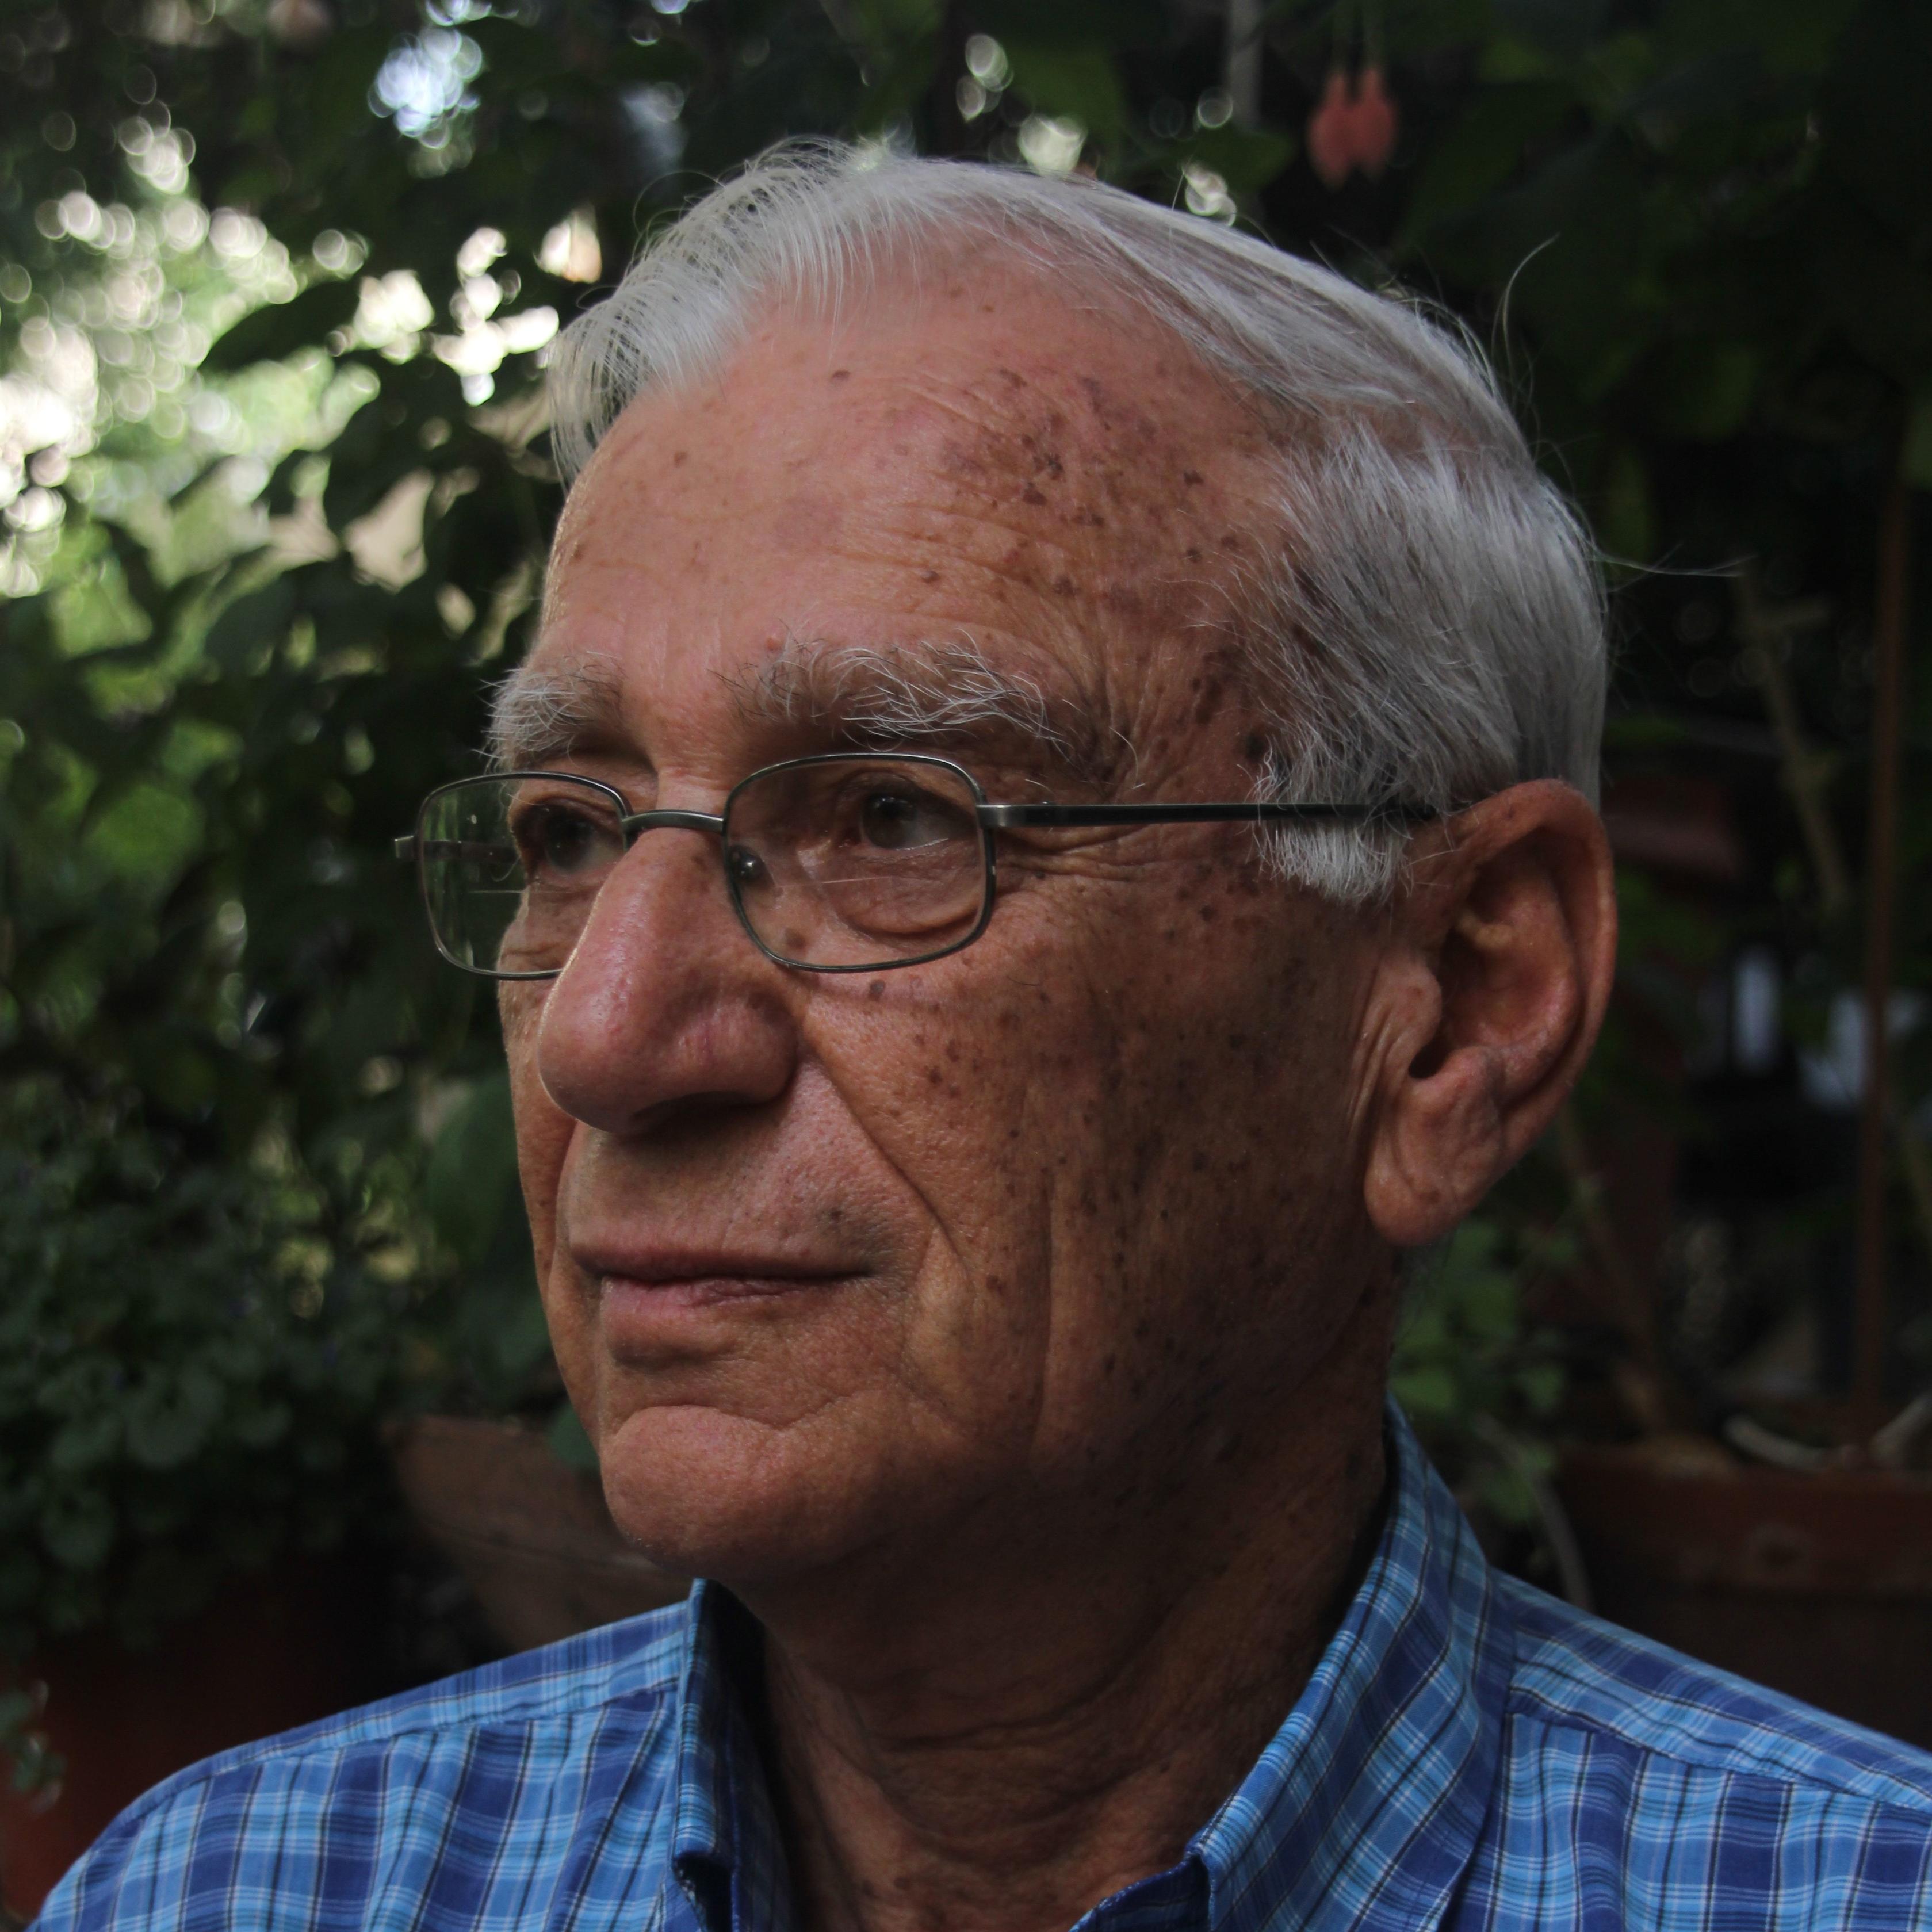 פרופ' יורם יום-טוב מאוניברסיטת תל אביב זכה בפרס לנדאו למדע